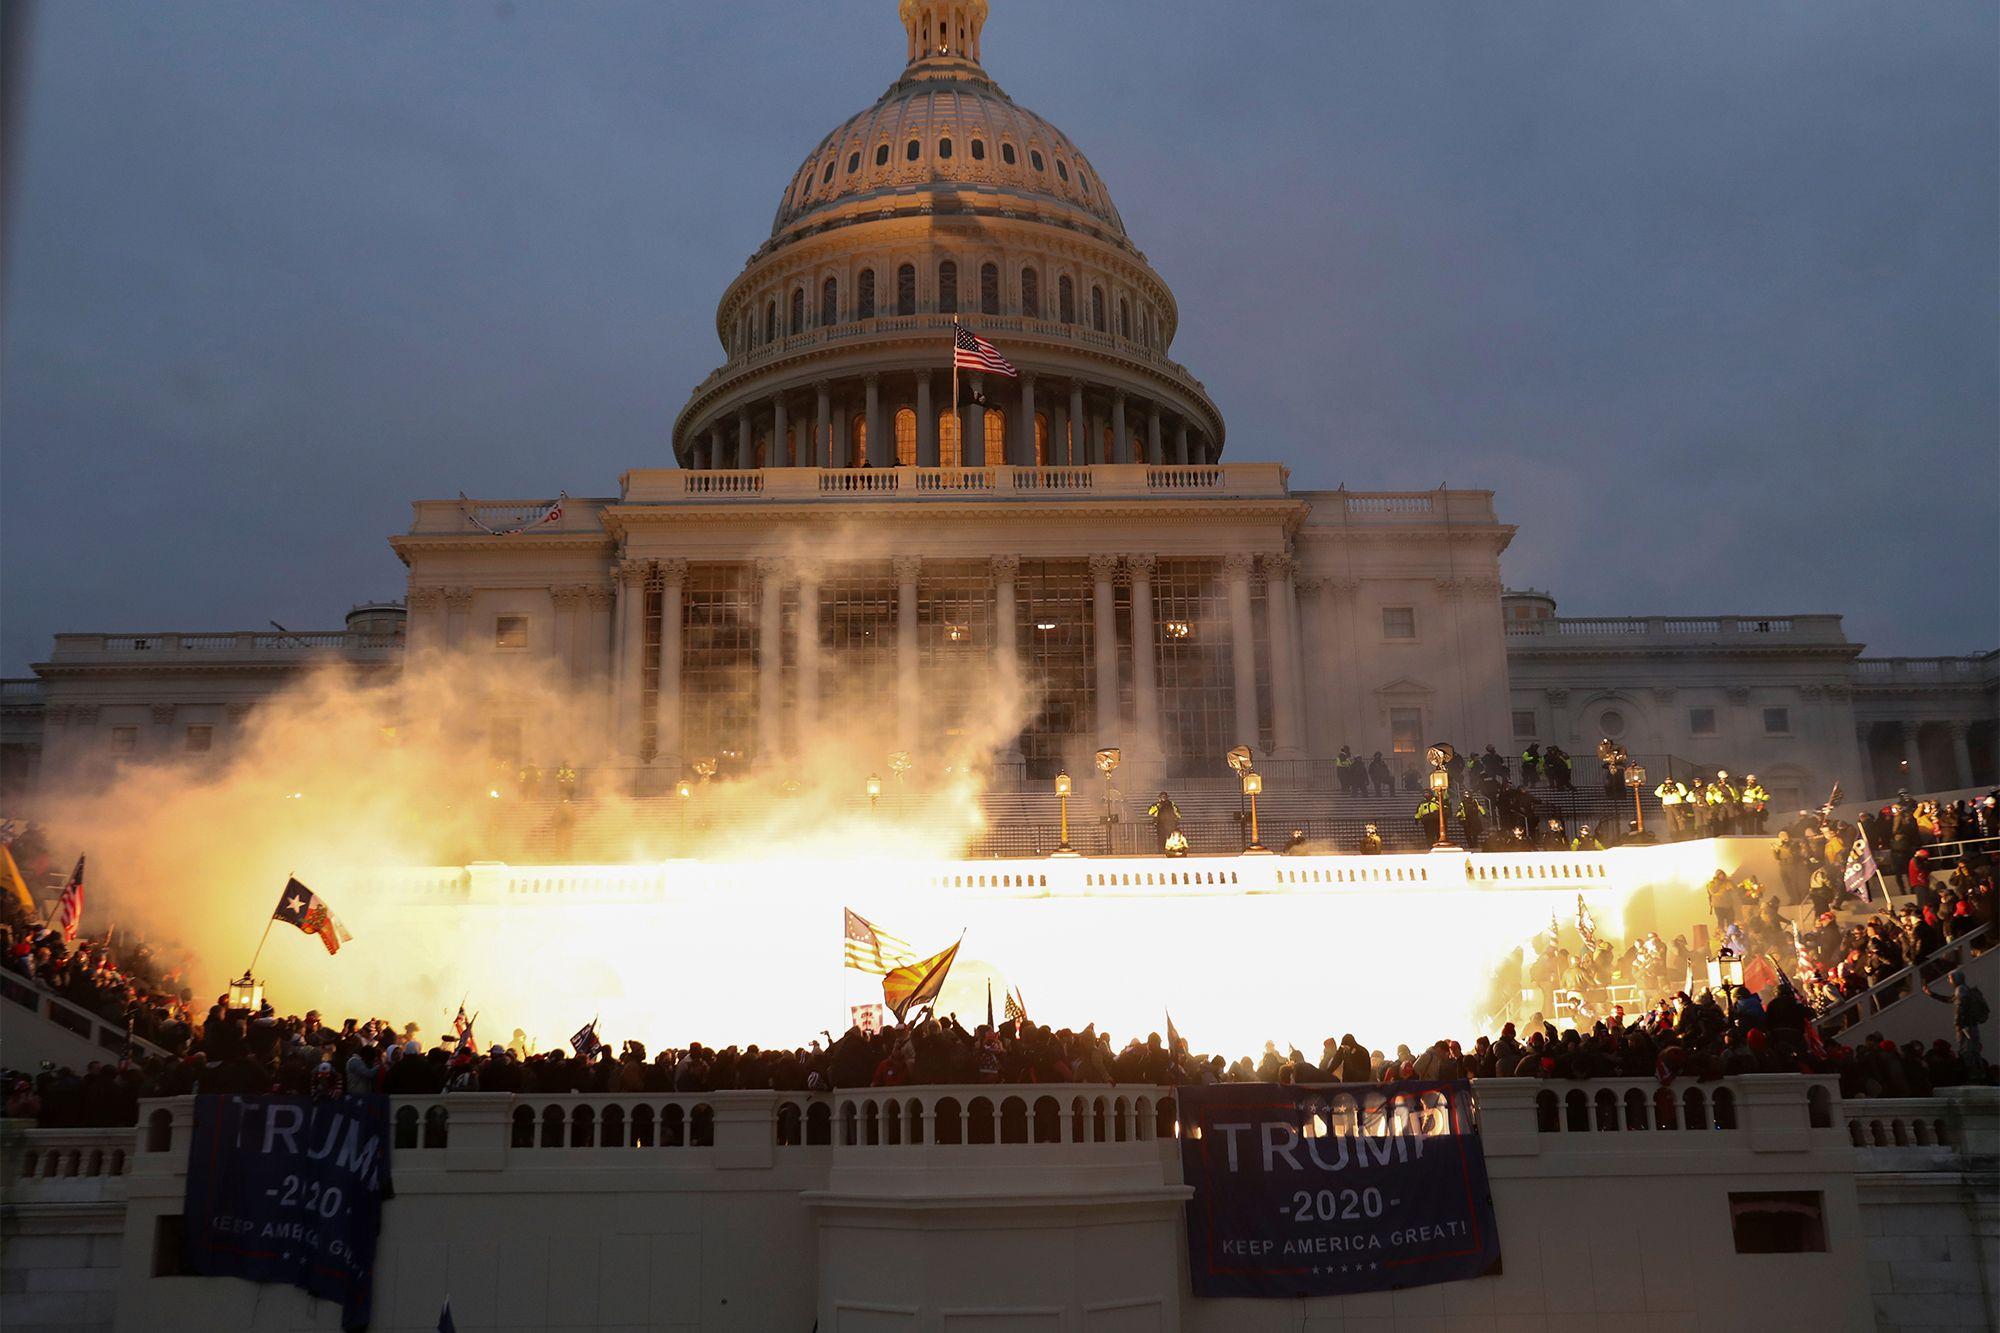 Les manifestants pro-Trump ont occupé le Capitole pendant près de trois heures le 6 janvier 2020.